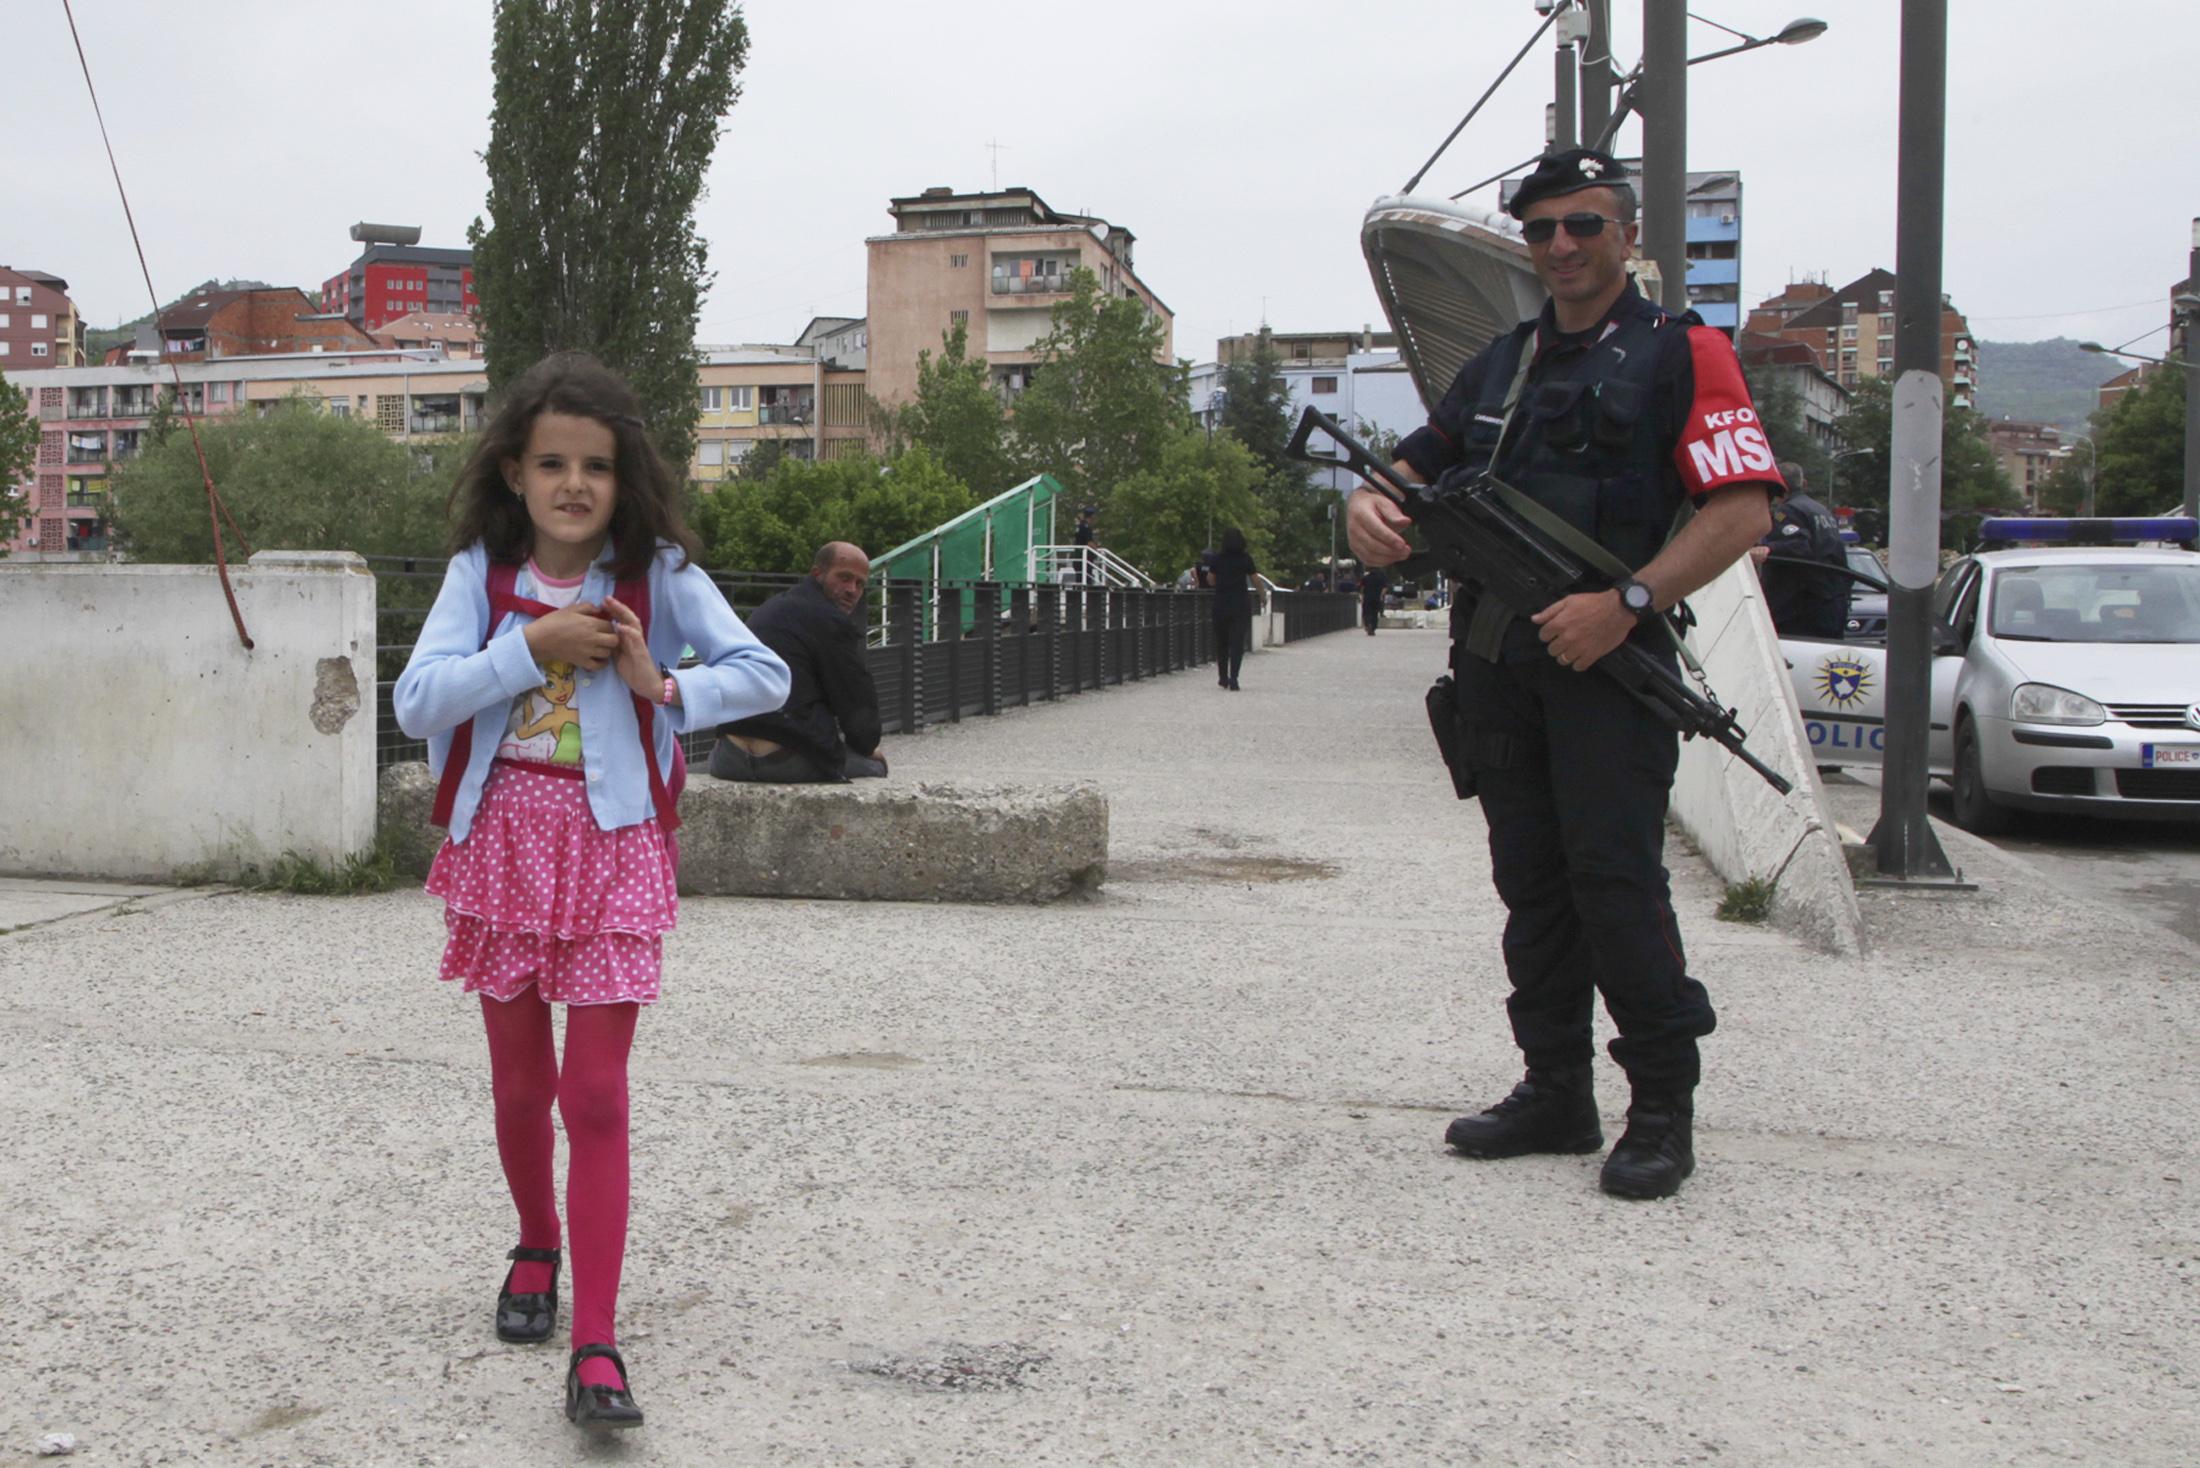 kosovo_soldier001